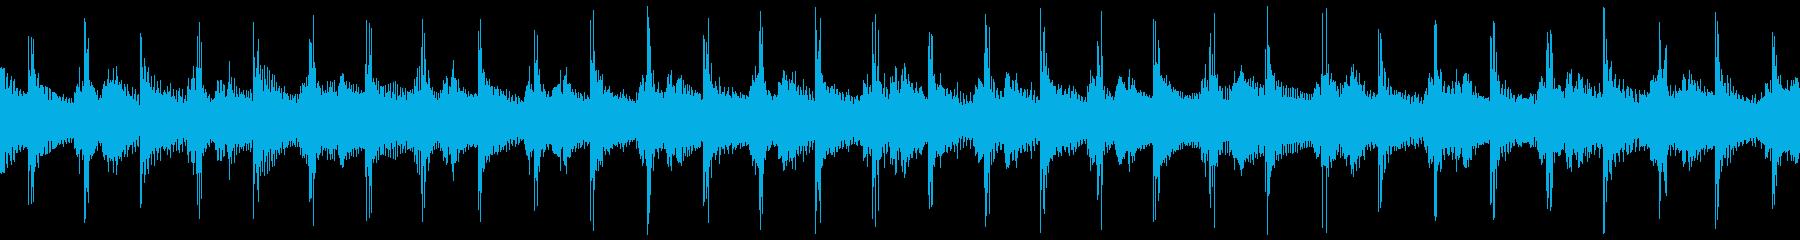 ループ/クラップ&アコースティックギターの再生済みの波形